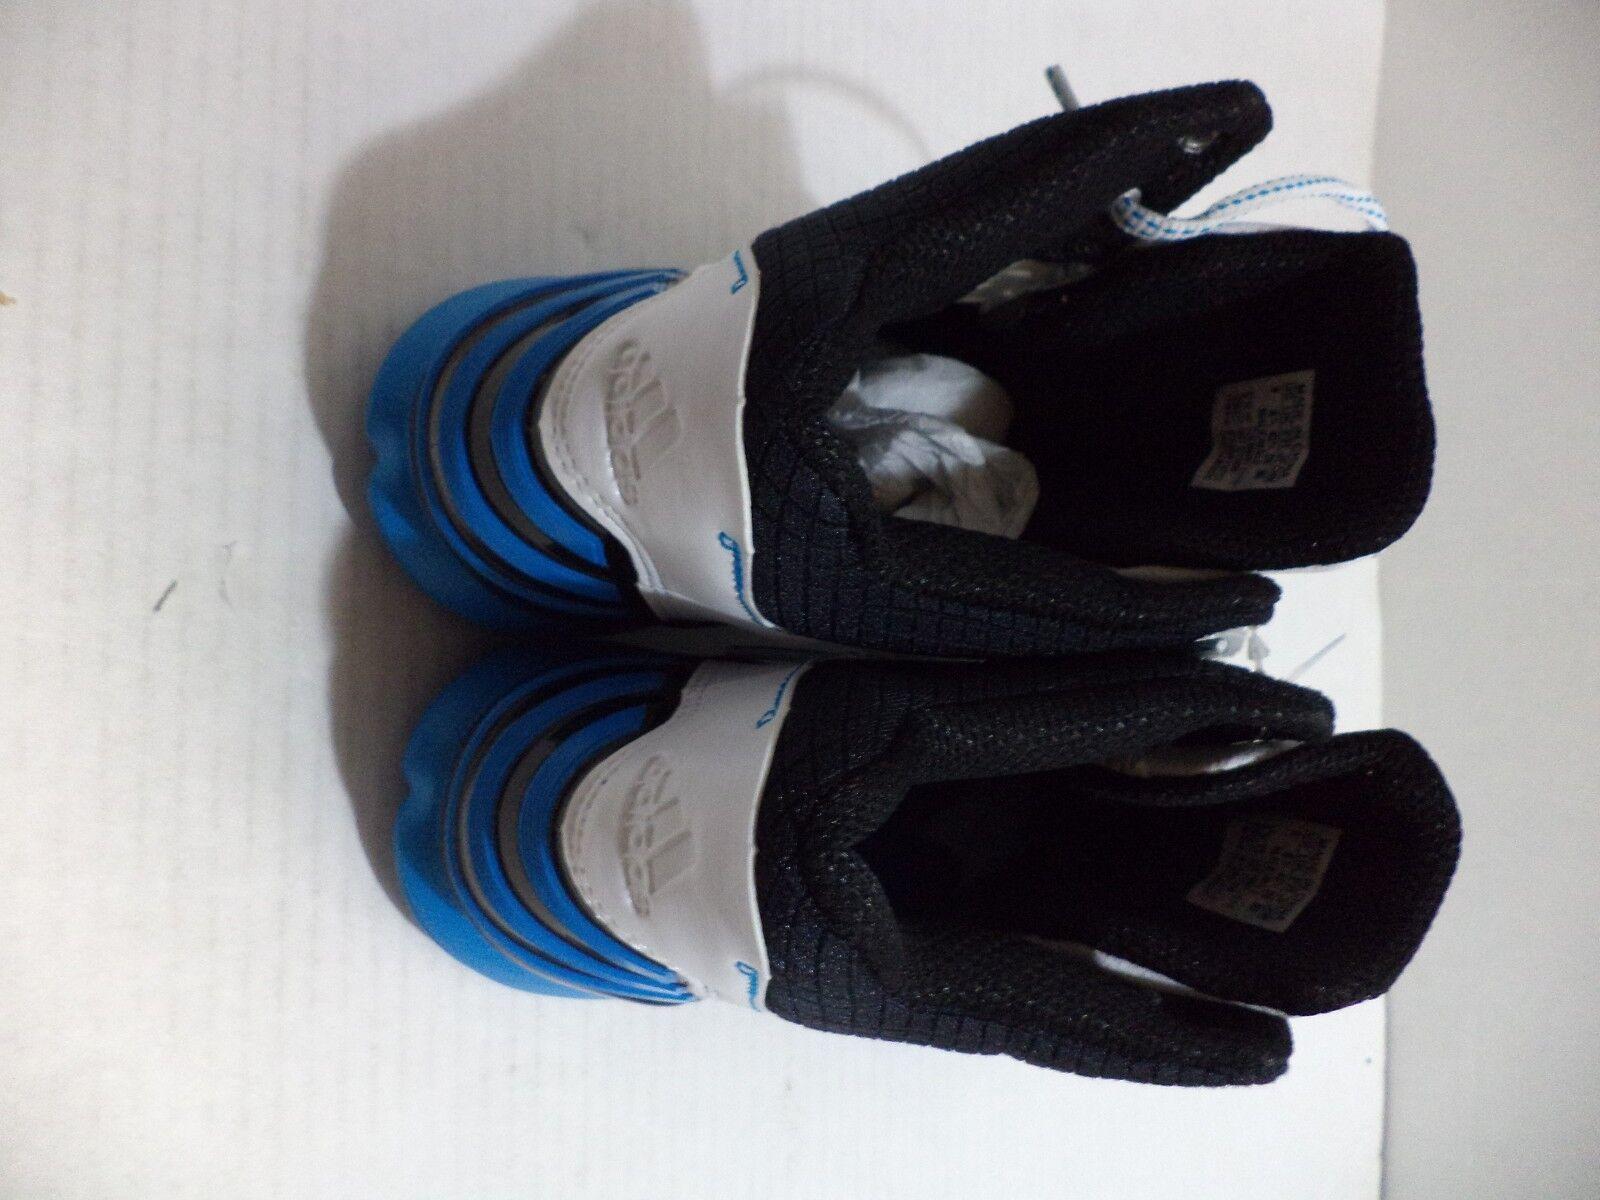 adidas hommes est sans pitié 2014 2014 2014 au basket pointure 8.513 blanc, Noir  & Bleu  | Stocker  420d81